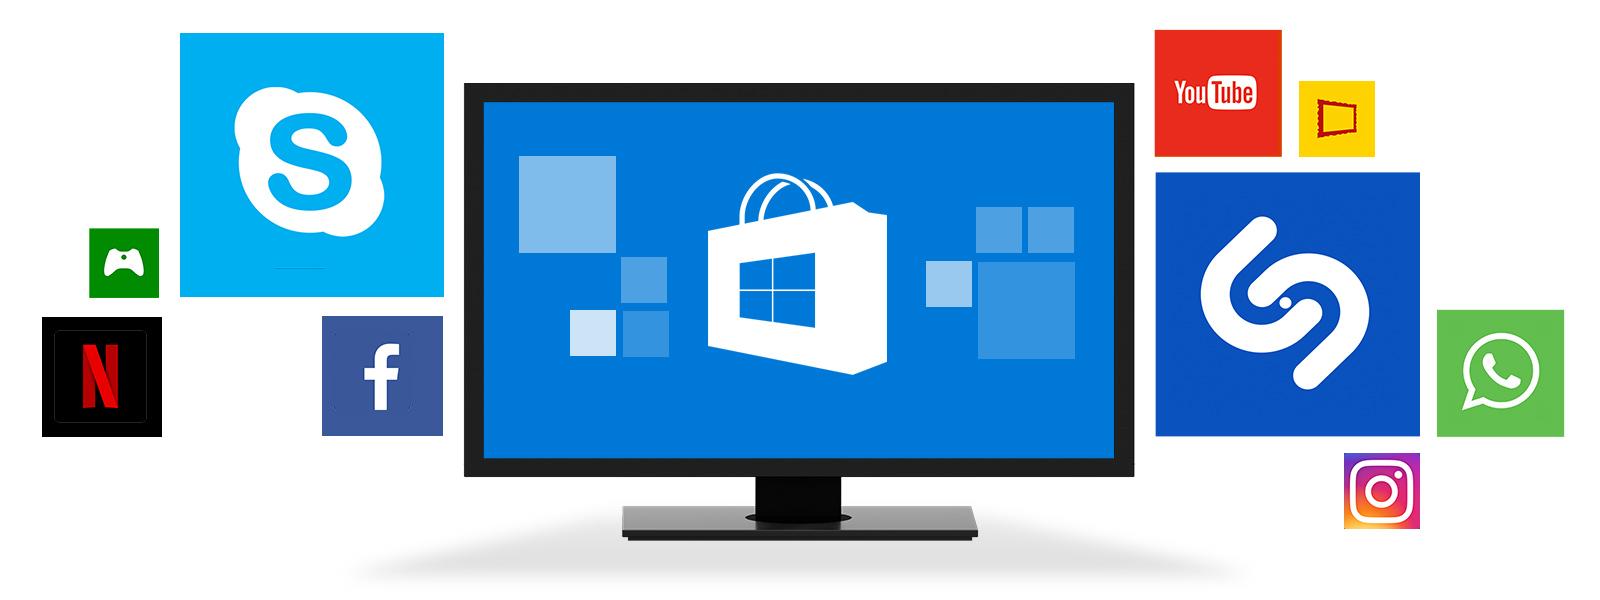 Um dispositivo Windows com vários blocos de aplicativos flutuando em torno dele